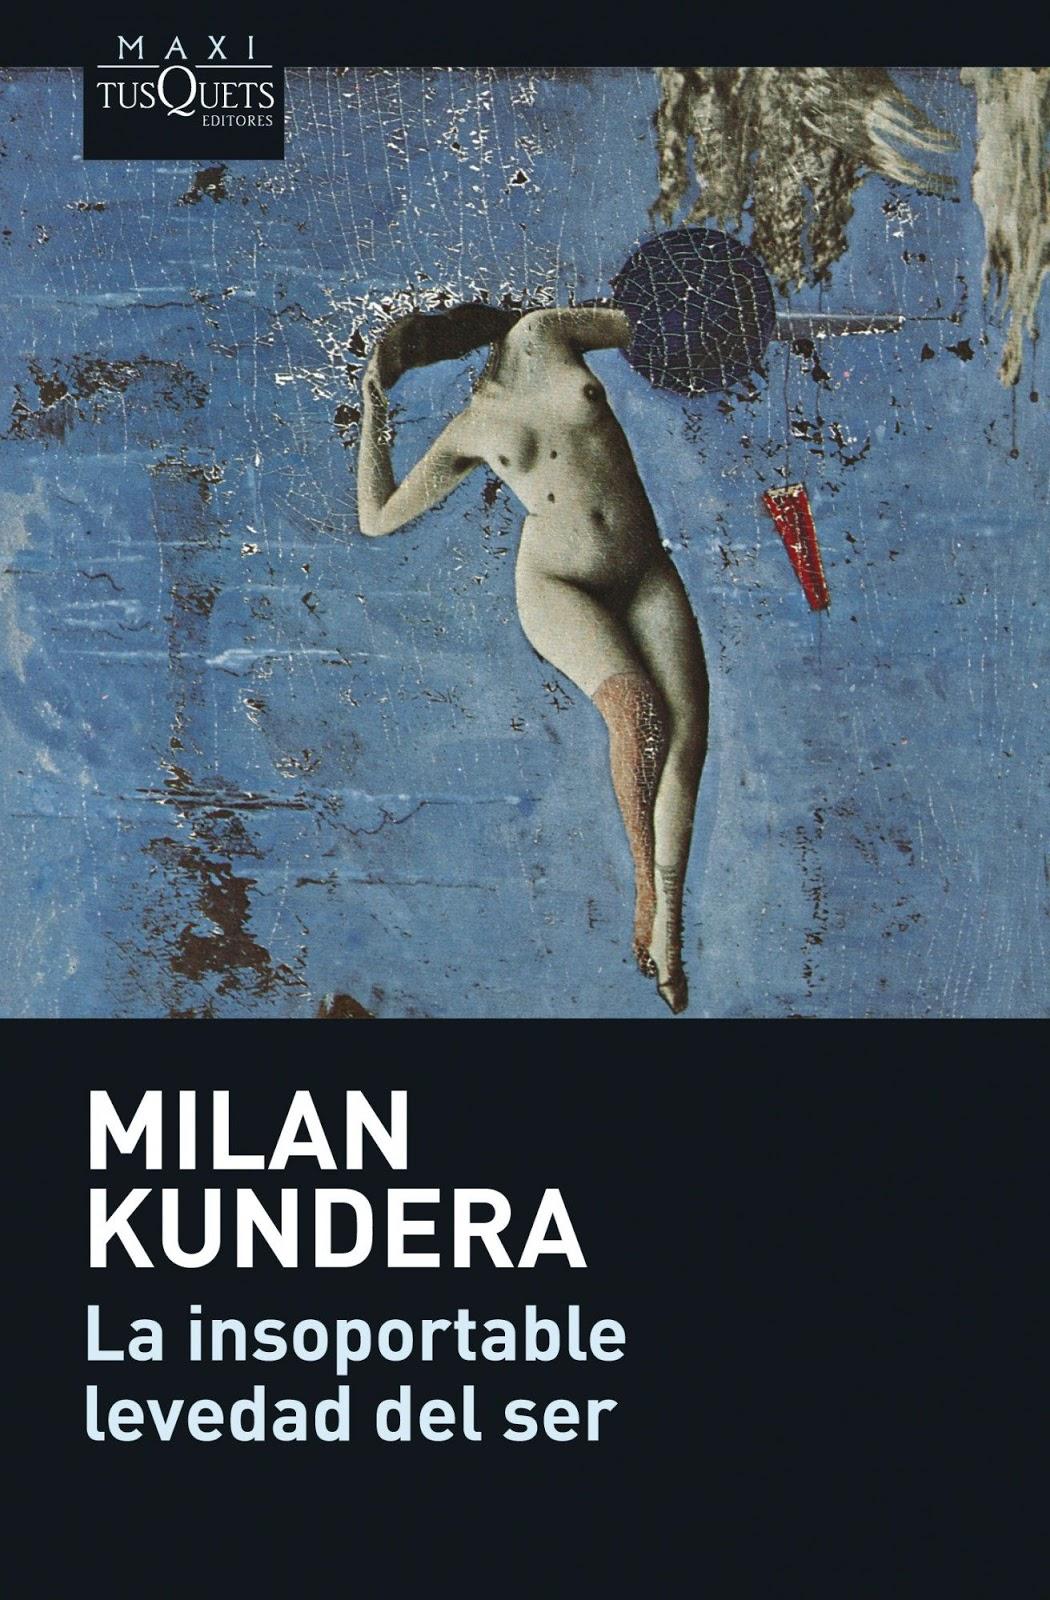 La insoportable levedad del ser – Miln Kundera